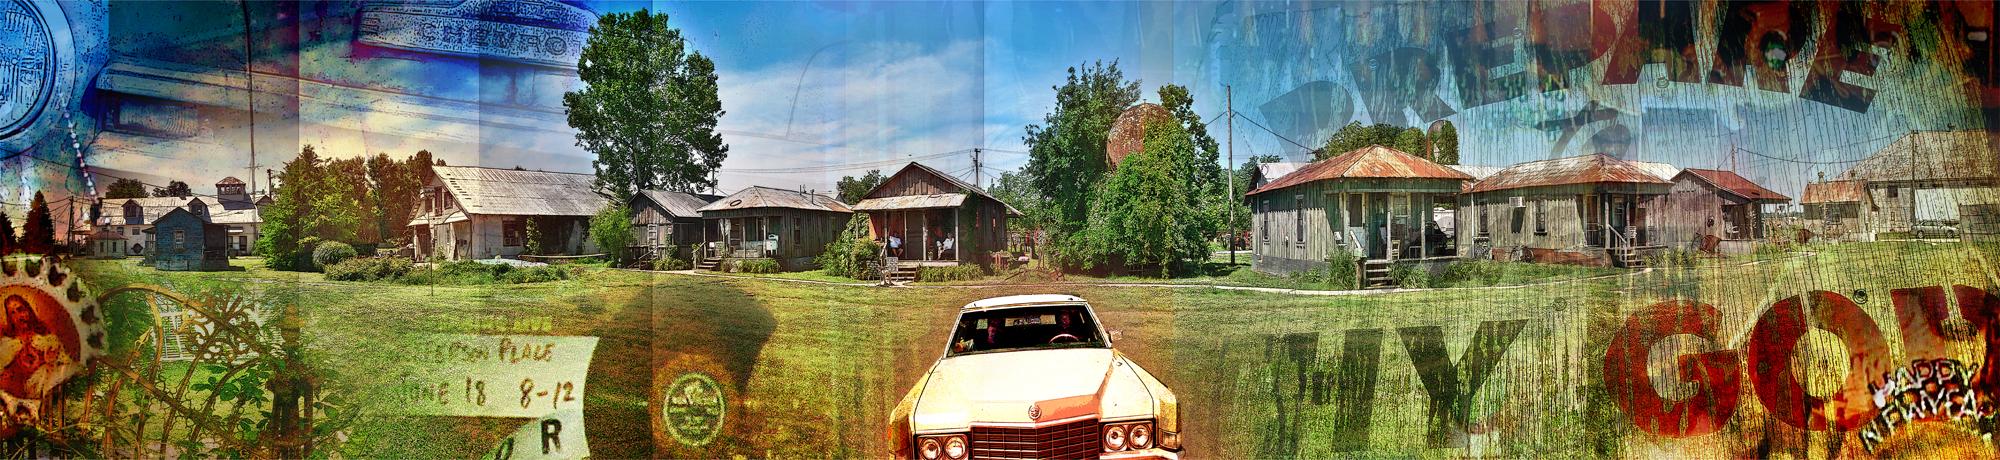 Shackup Inn - Clarksdale, Mississippi